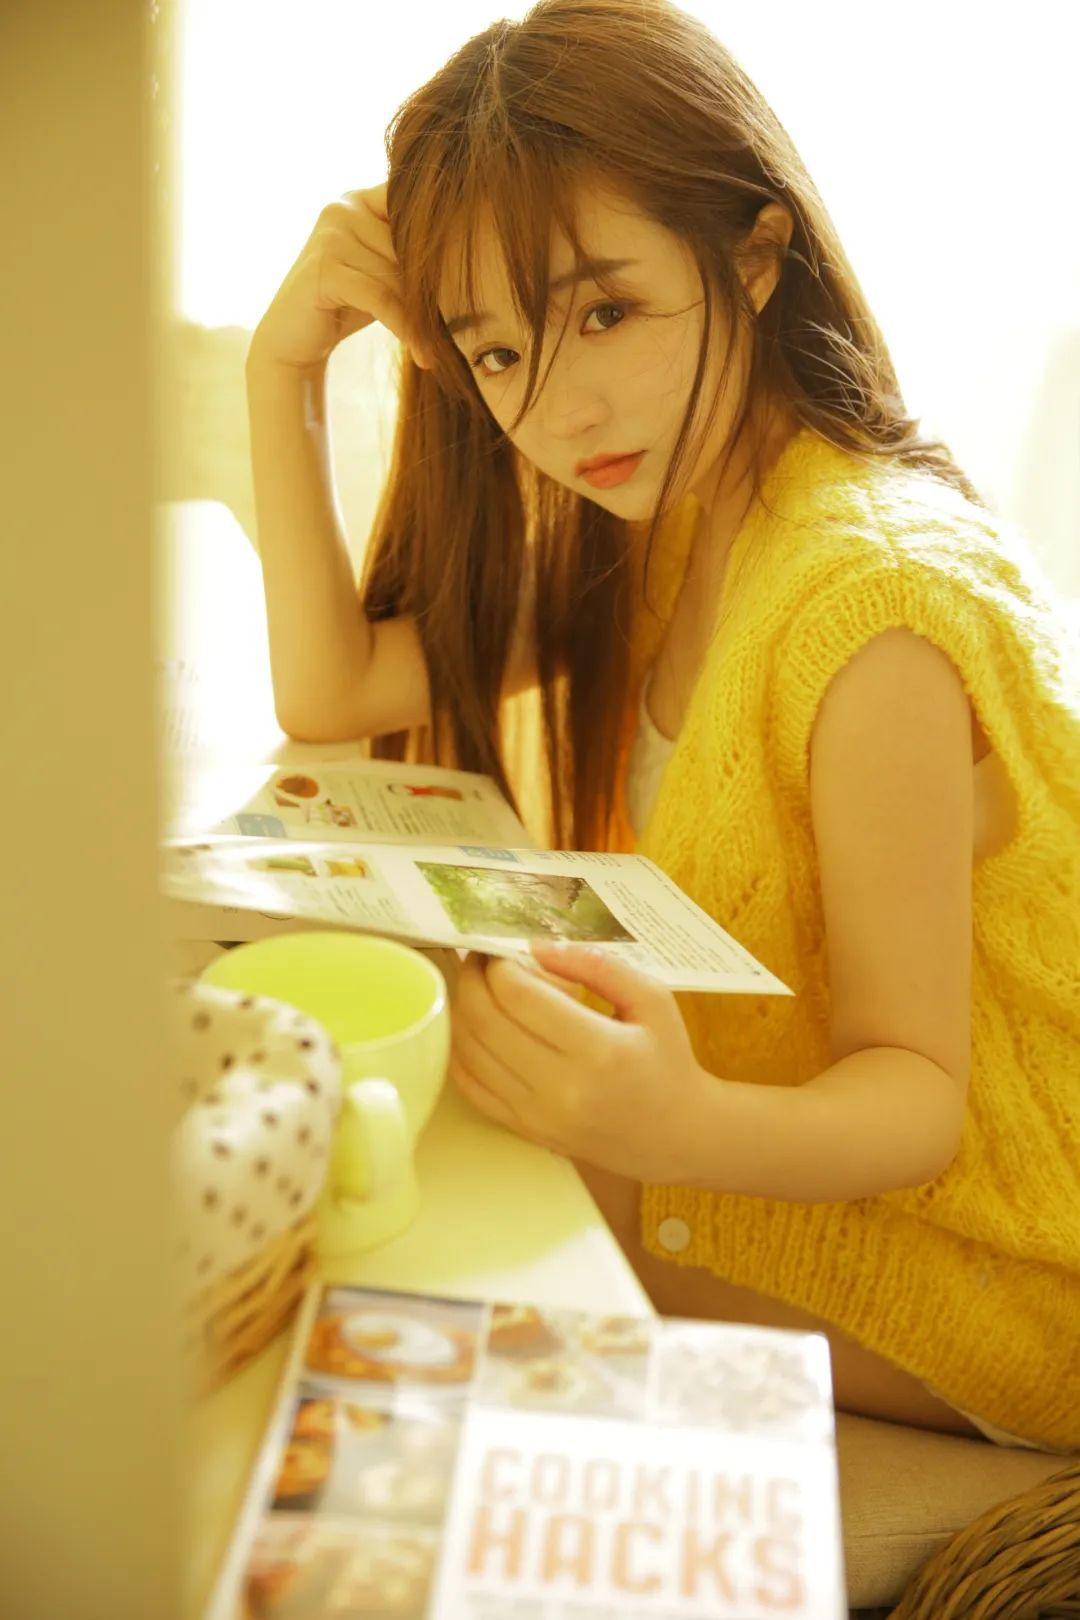 妹子摄影 – 淡黄的毛衣,修长的玉腿,治愈系美少女_图片 No.1